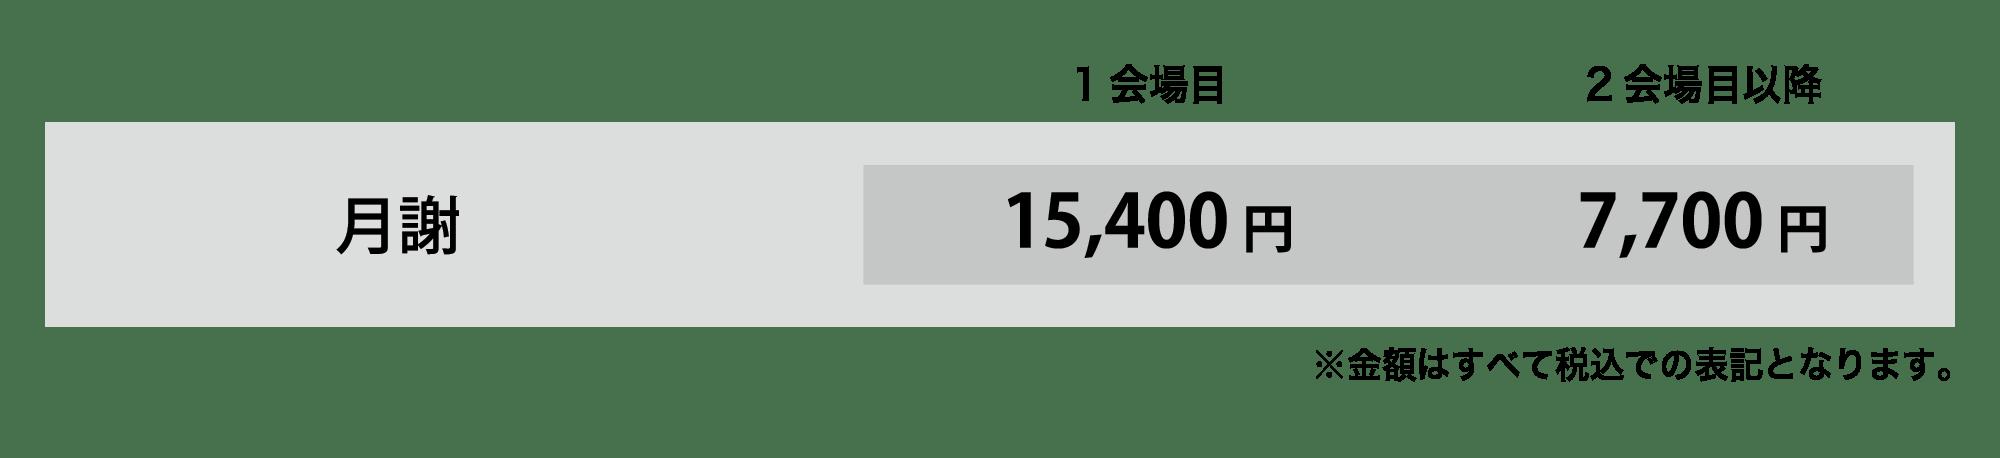 price2021_kanto_2_v2